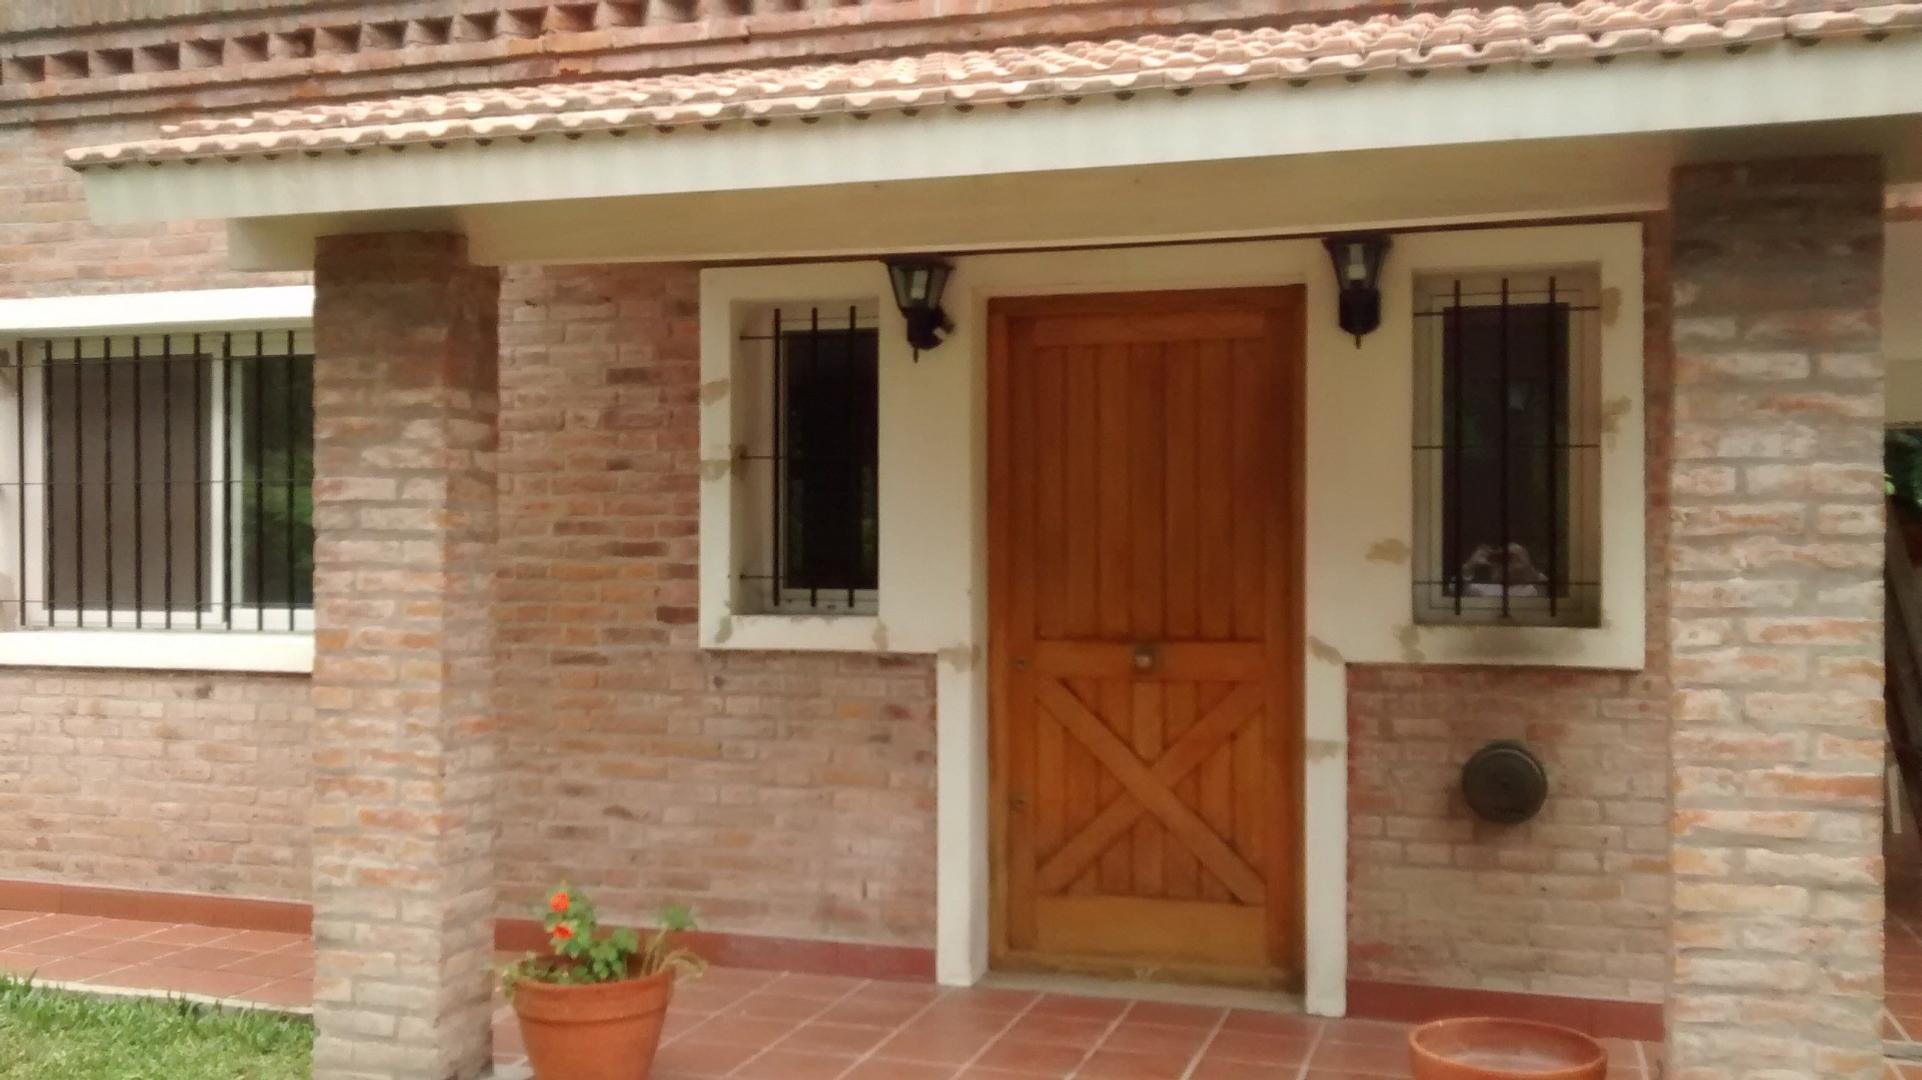 B°ROBLES DEL MONARCA PILAR (km 48) CALLE LOS PLÁTANOS Y BLANES 1900 - 4 ambientes con cochera